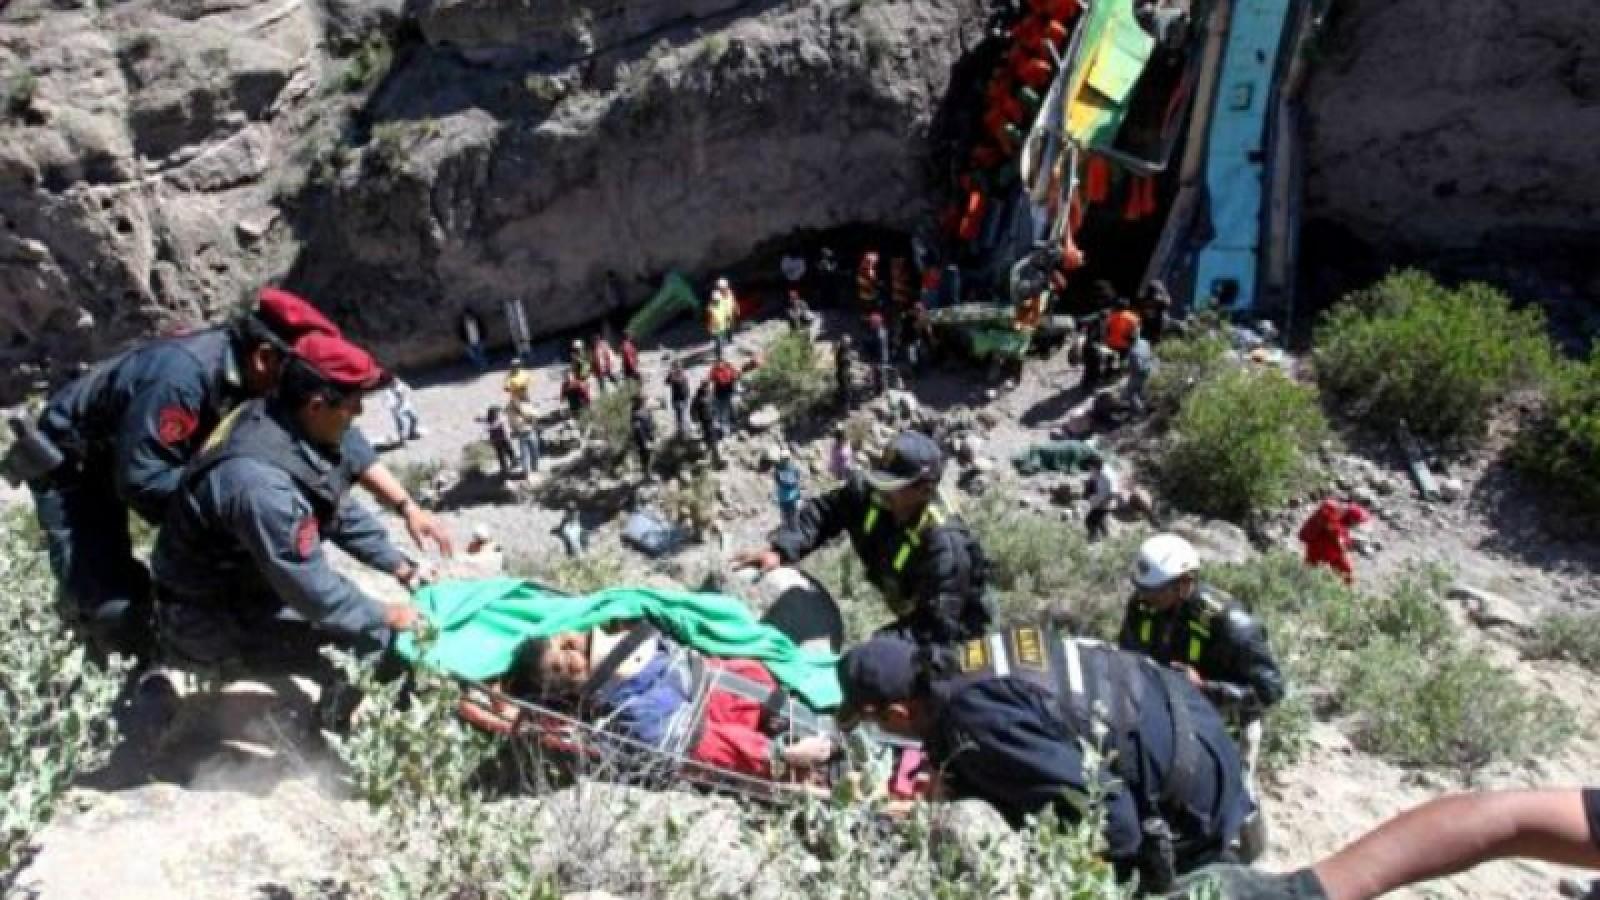 Peru: Cel puțin 35 de persoane au murit după ce un autocar a căzut într-o prăpastie